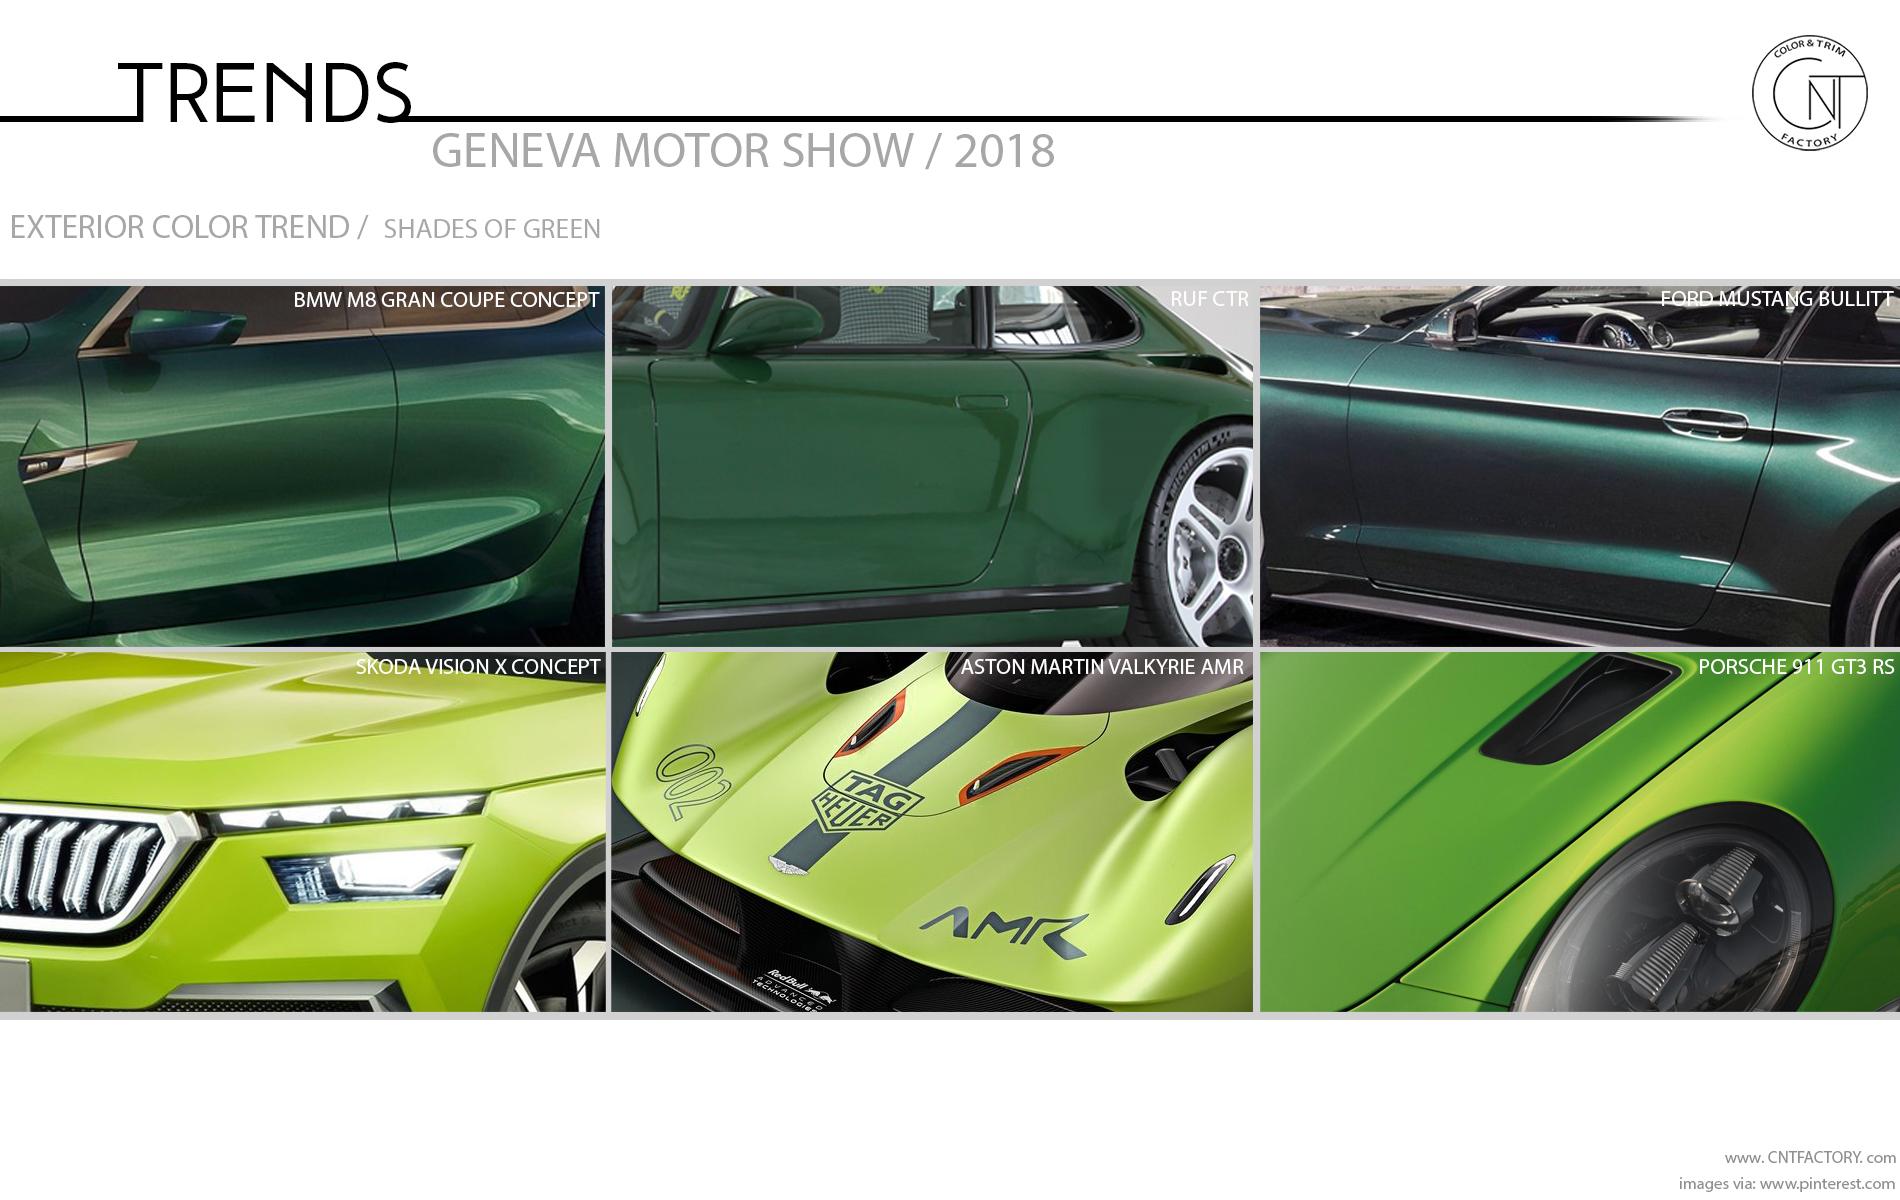 2018 Geneva Motor Show Color And Trim Trends